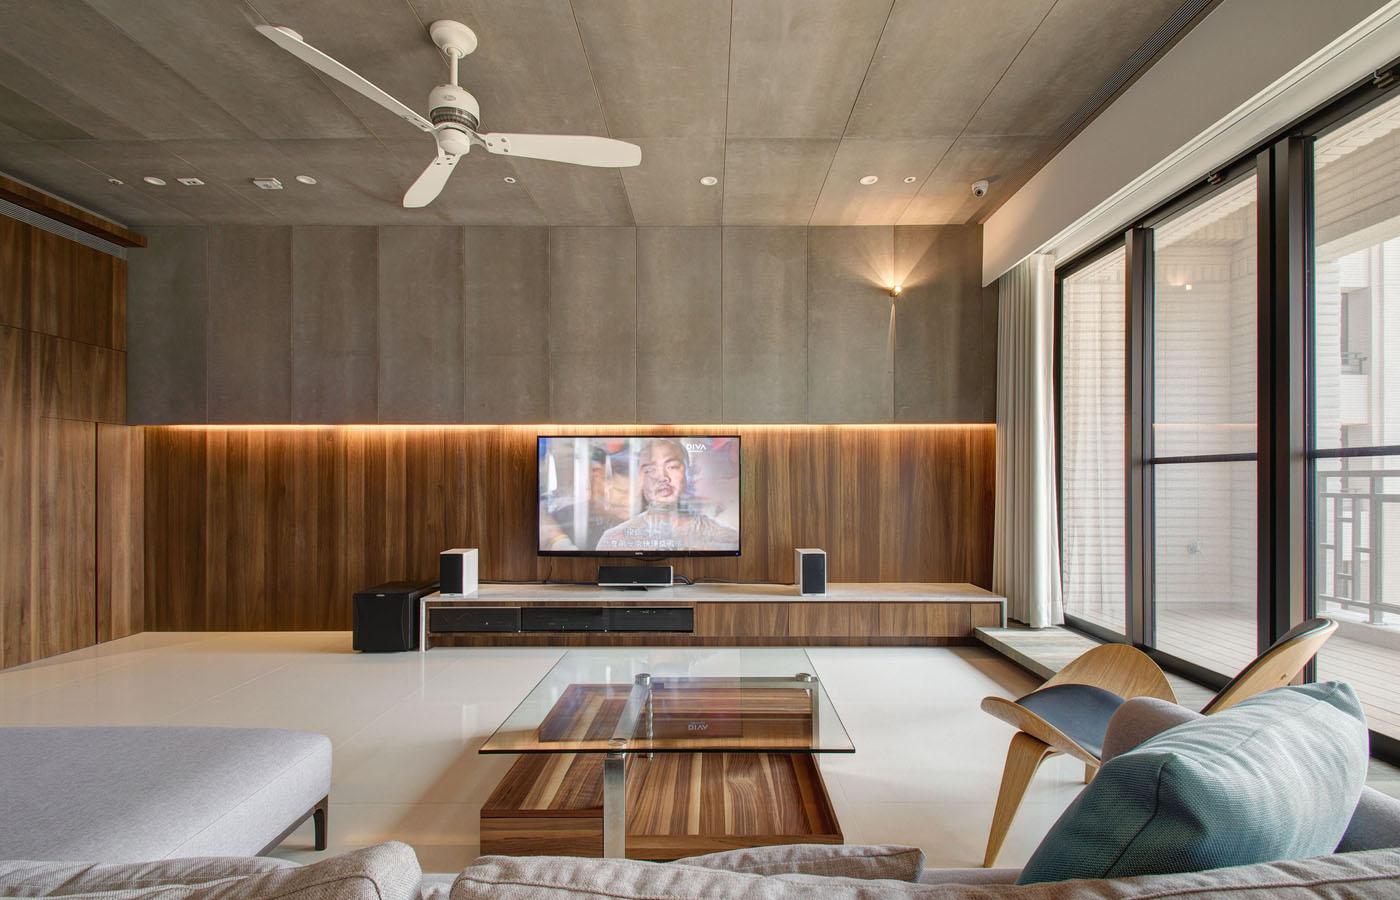 Однокомнатная квартира 40 кв м деревянная